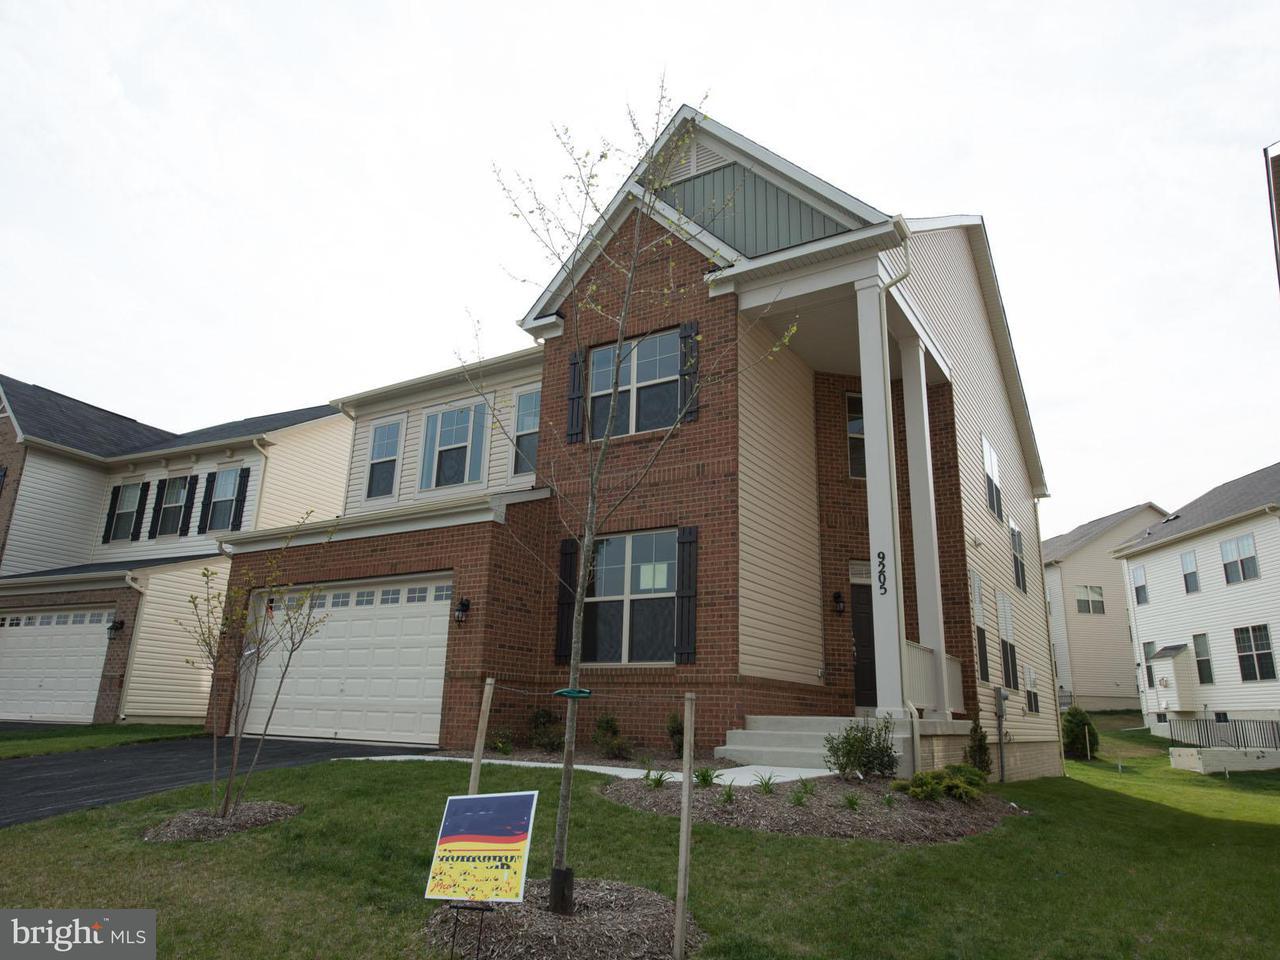 Casa Unifamiliar por un Venta en 2509 SIR MICHAEL Place 2509 SIR MICHAEL Place Glenarden, Maryland 20706 Estados Unidos